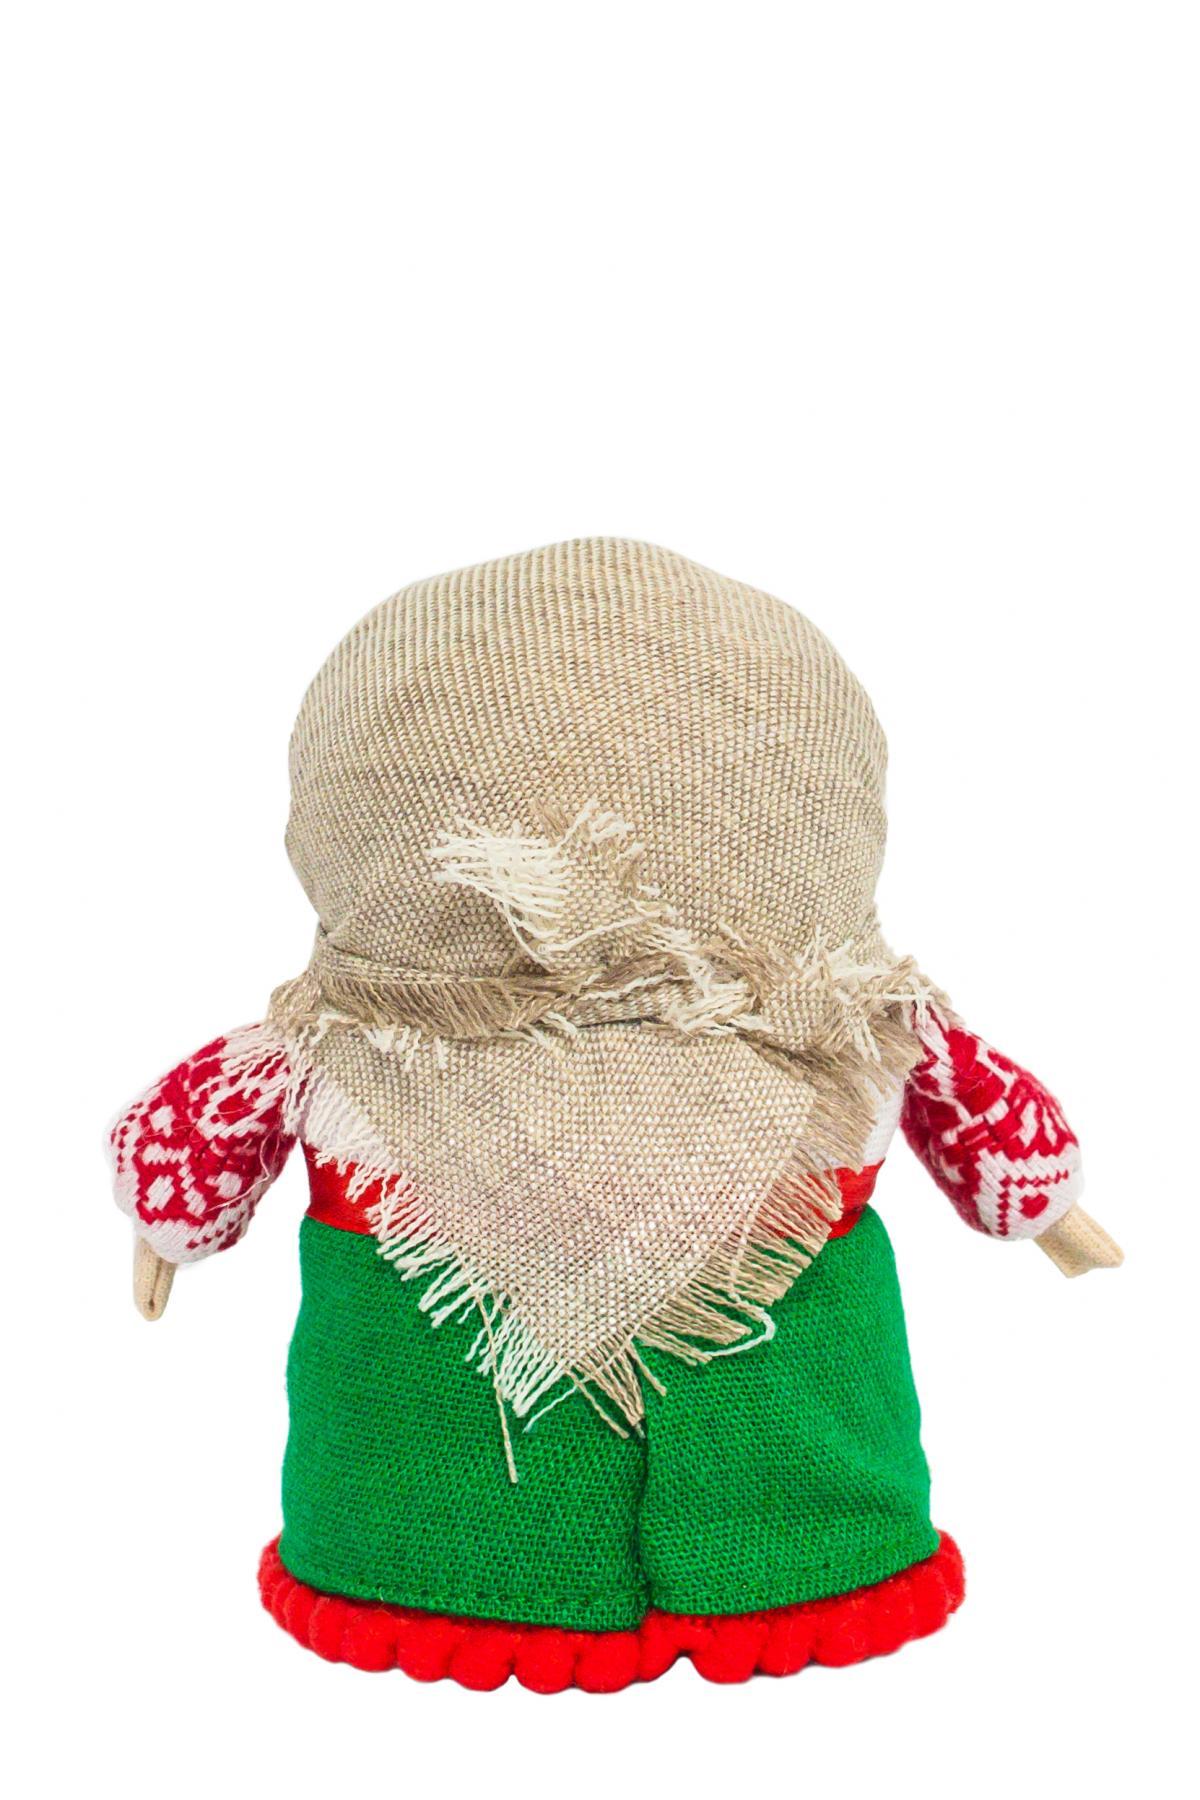 Кукла Зернянка зеленая (на успех). Фото №2. | Народный дом Украина